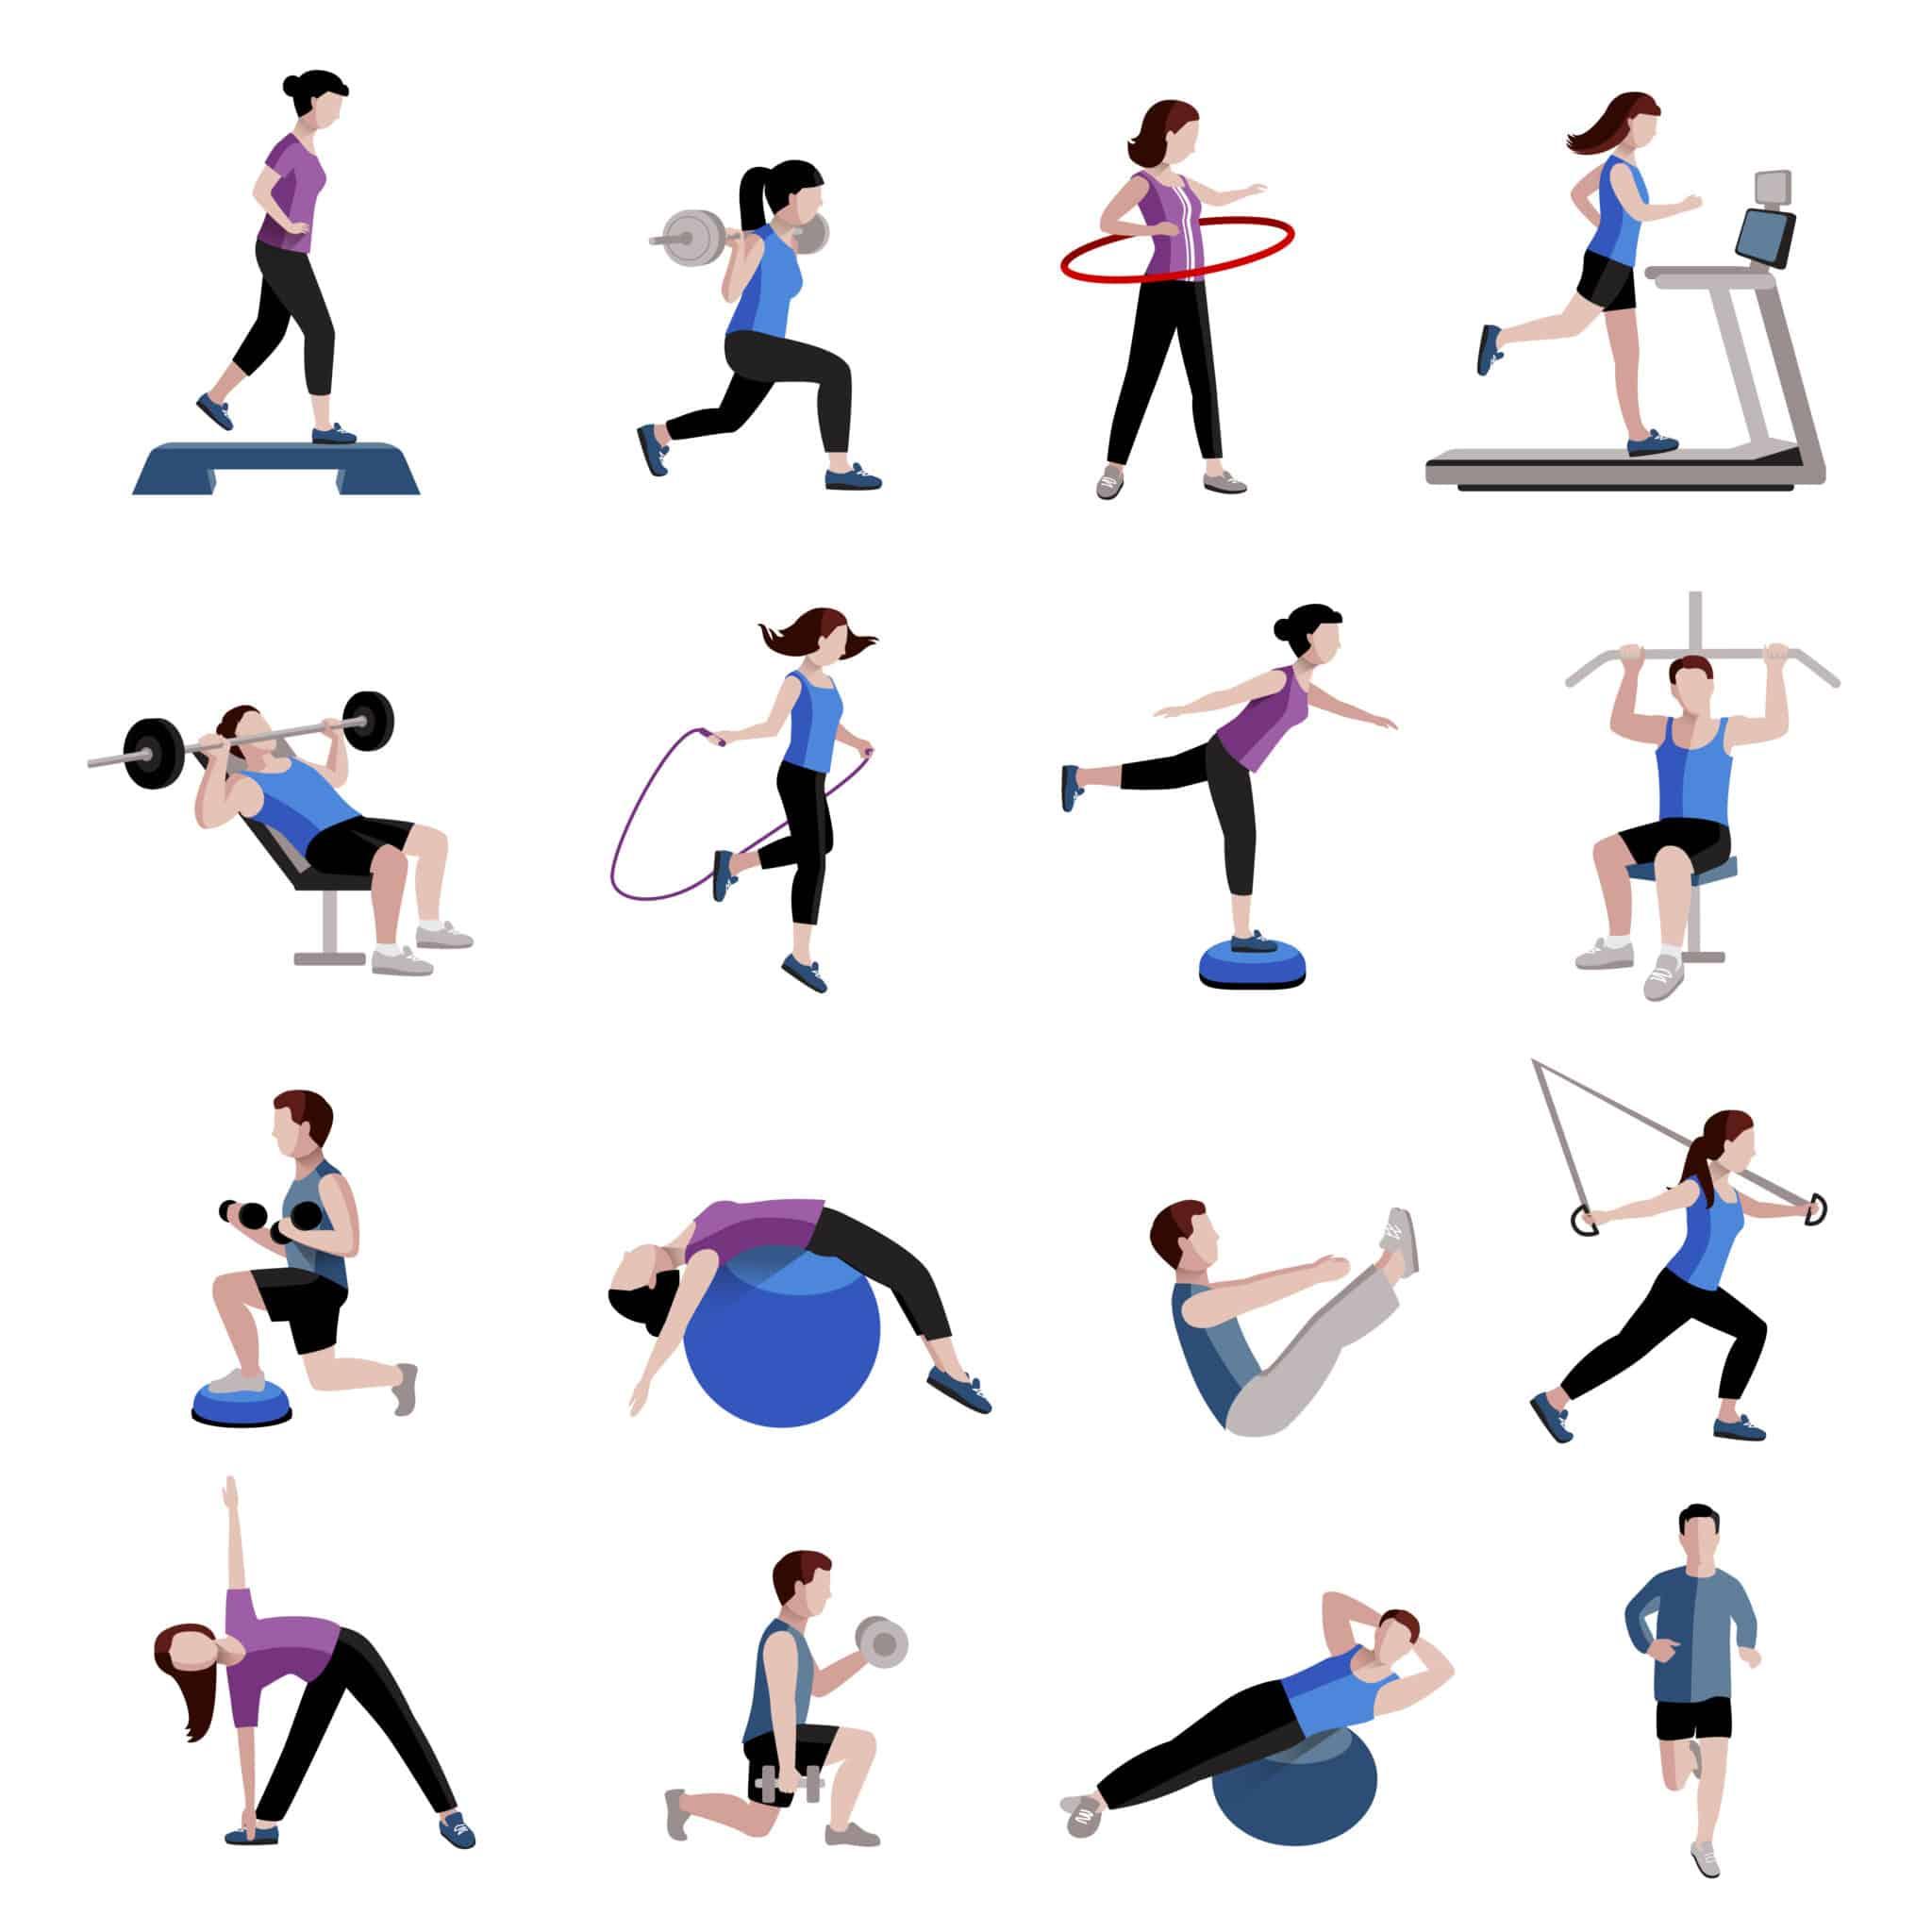 不同的運動例如健身、瑜伽、跑步